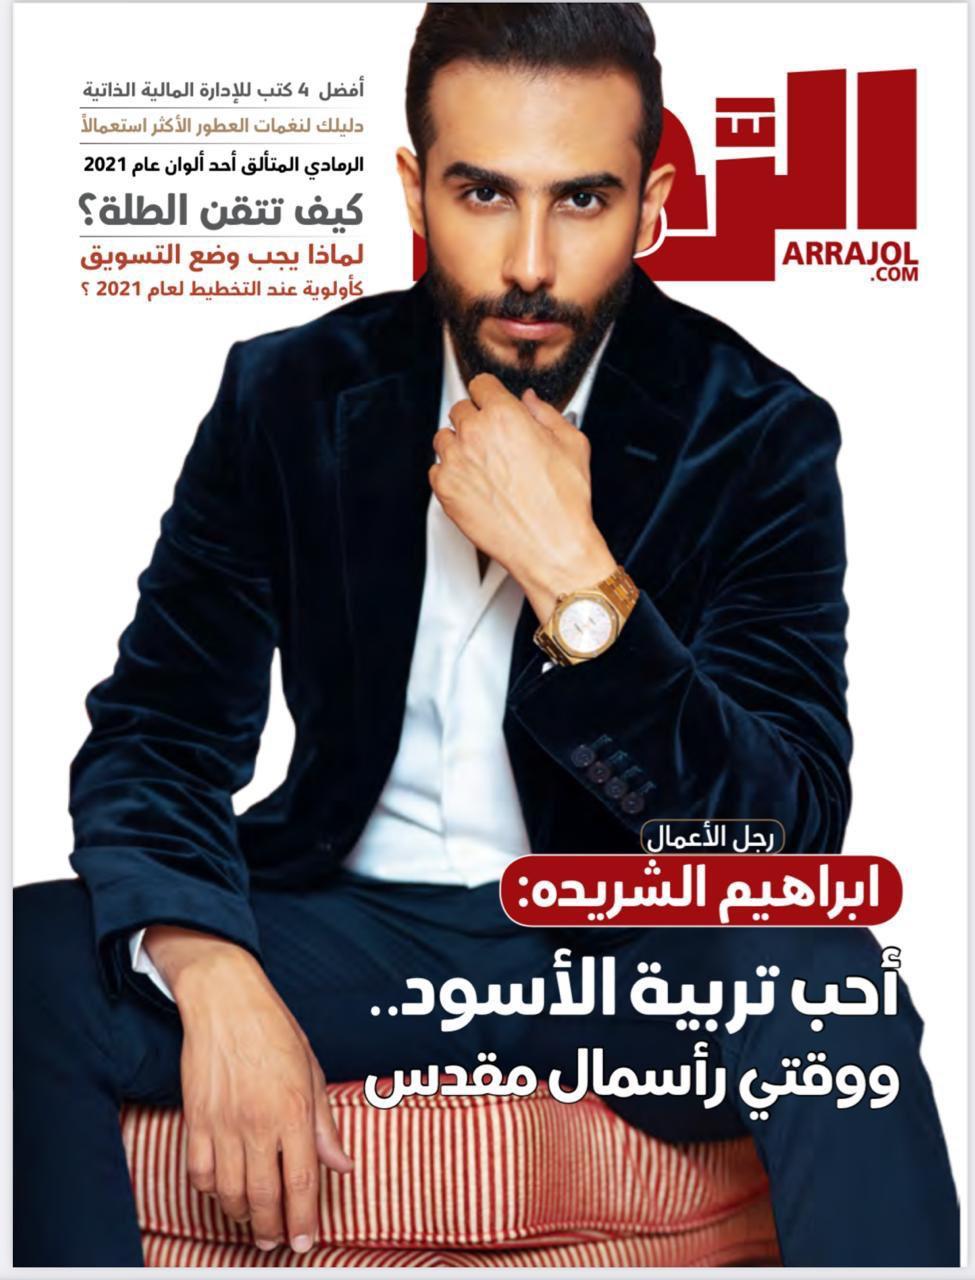 إطلالة رئيس مجلس الإدارة استاذ إبراهيم الشريده في مجلة الرجل